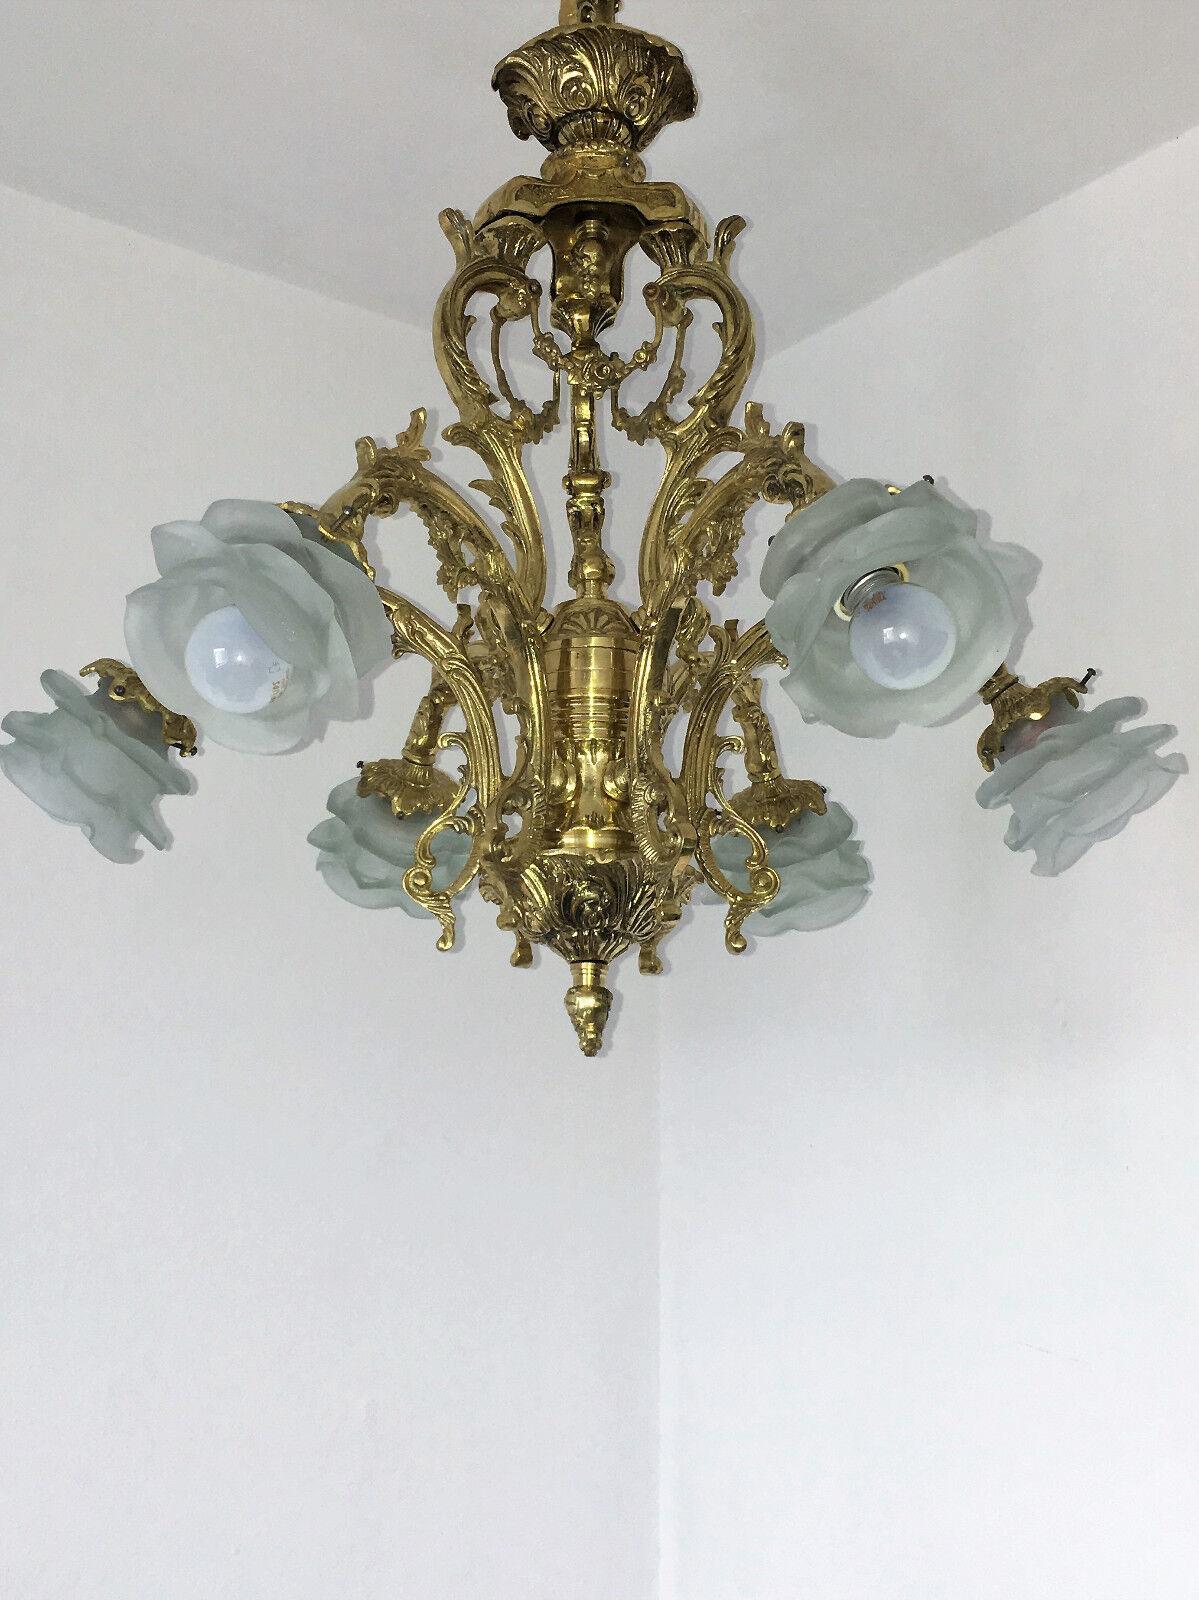 Französischer Belle Époque Goldbronze im Empire Empire Empire Revival Stil im Stil von Louis bf4eaa